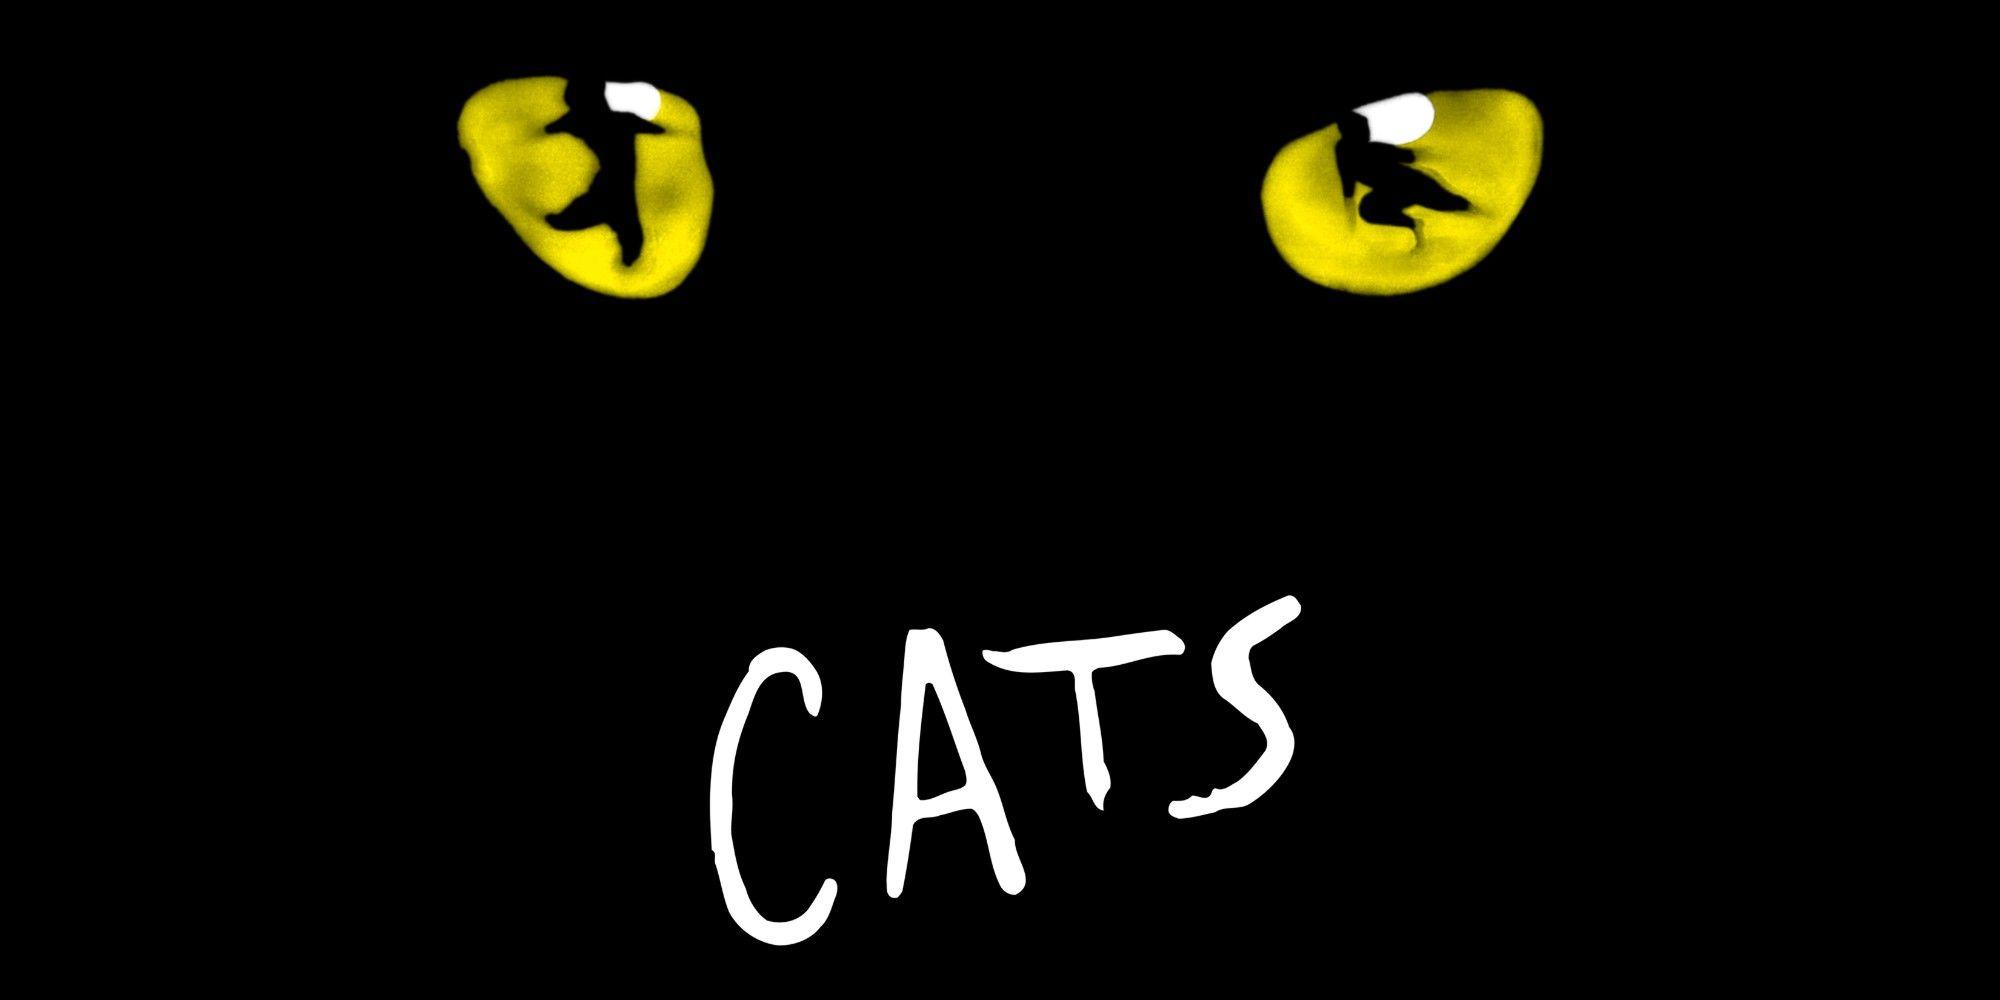 cats movie - photo #32